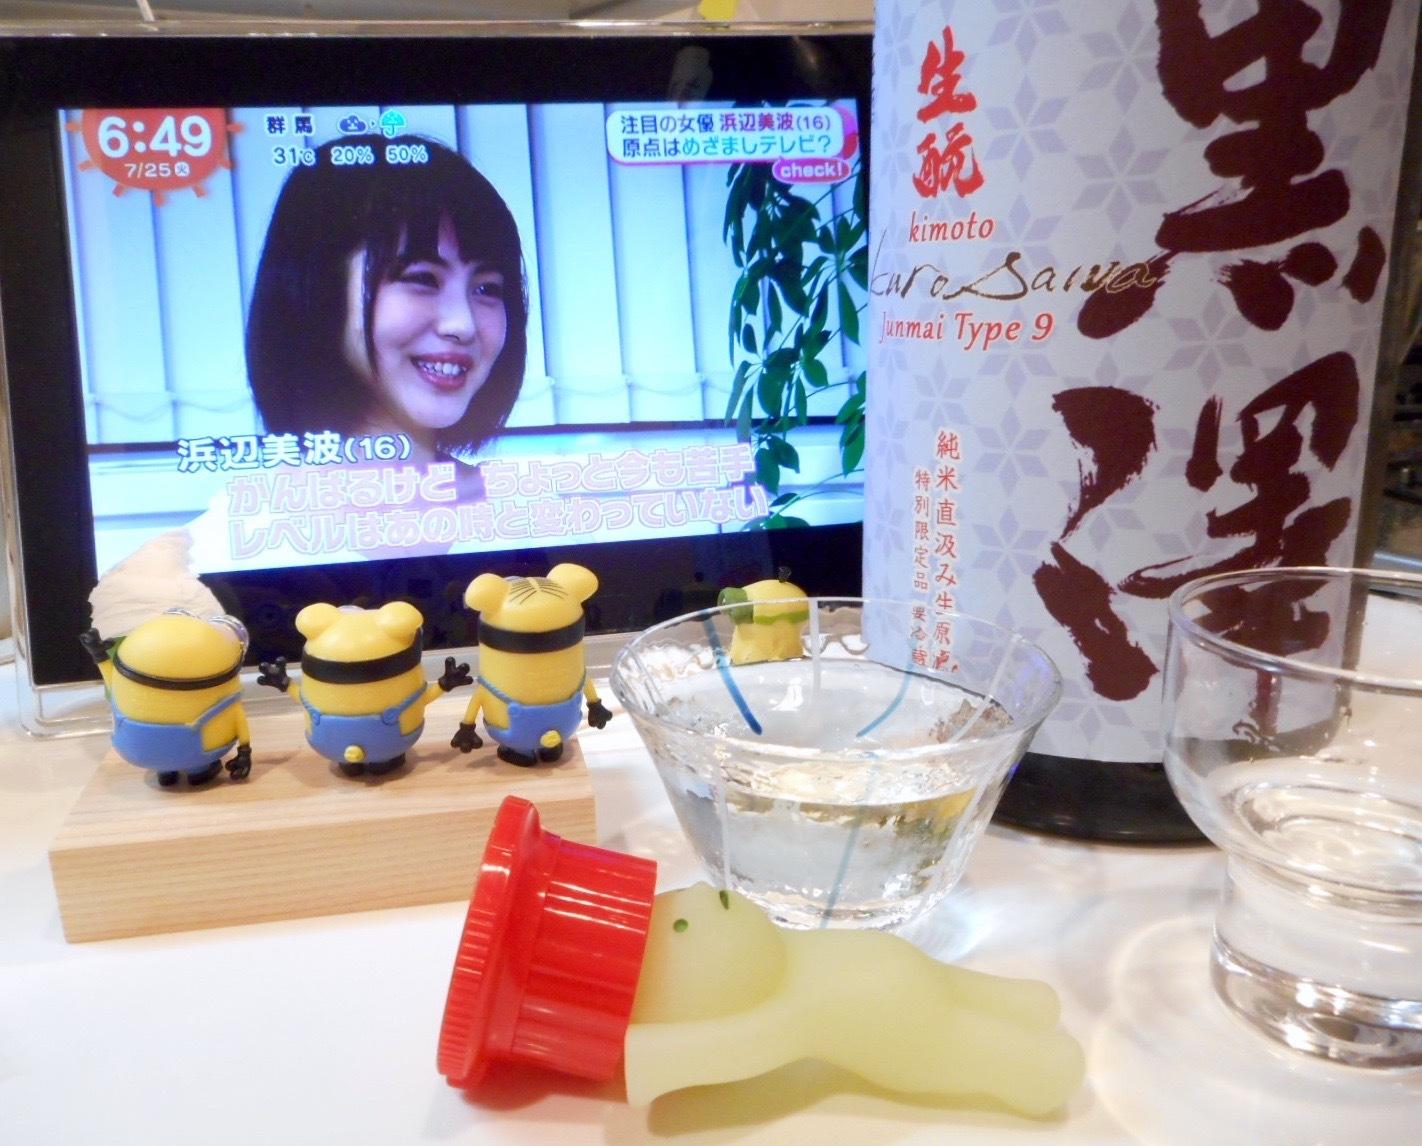 kurosawa_type9_28by6.jpg